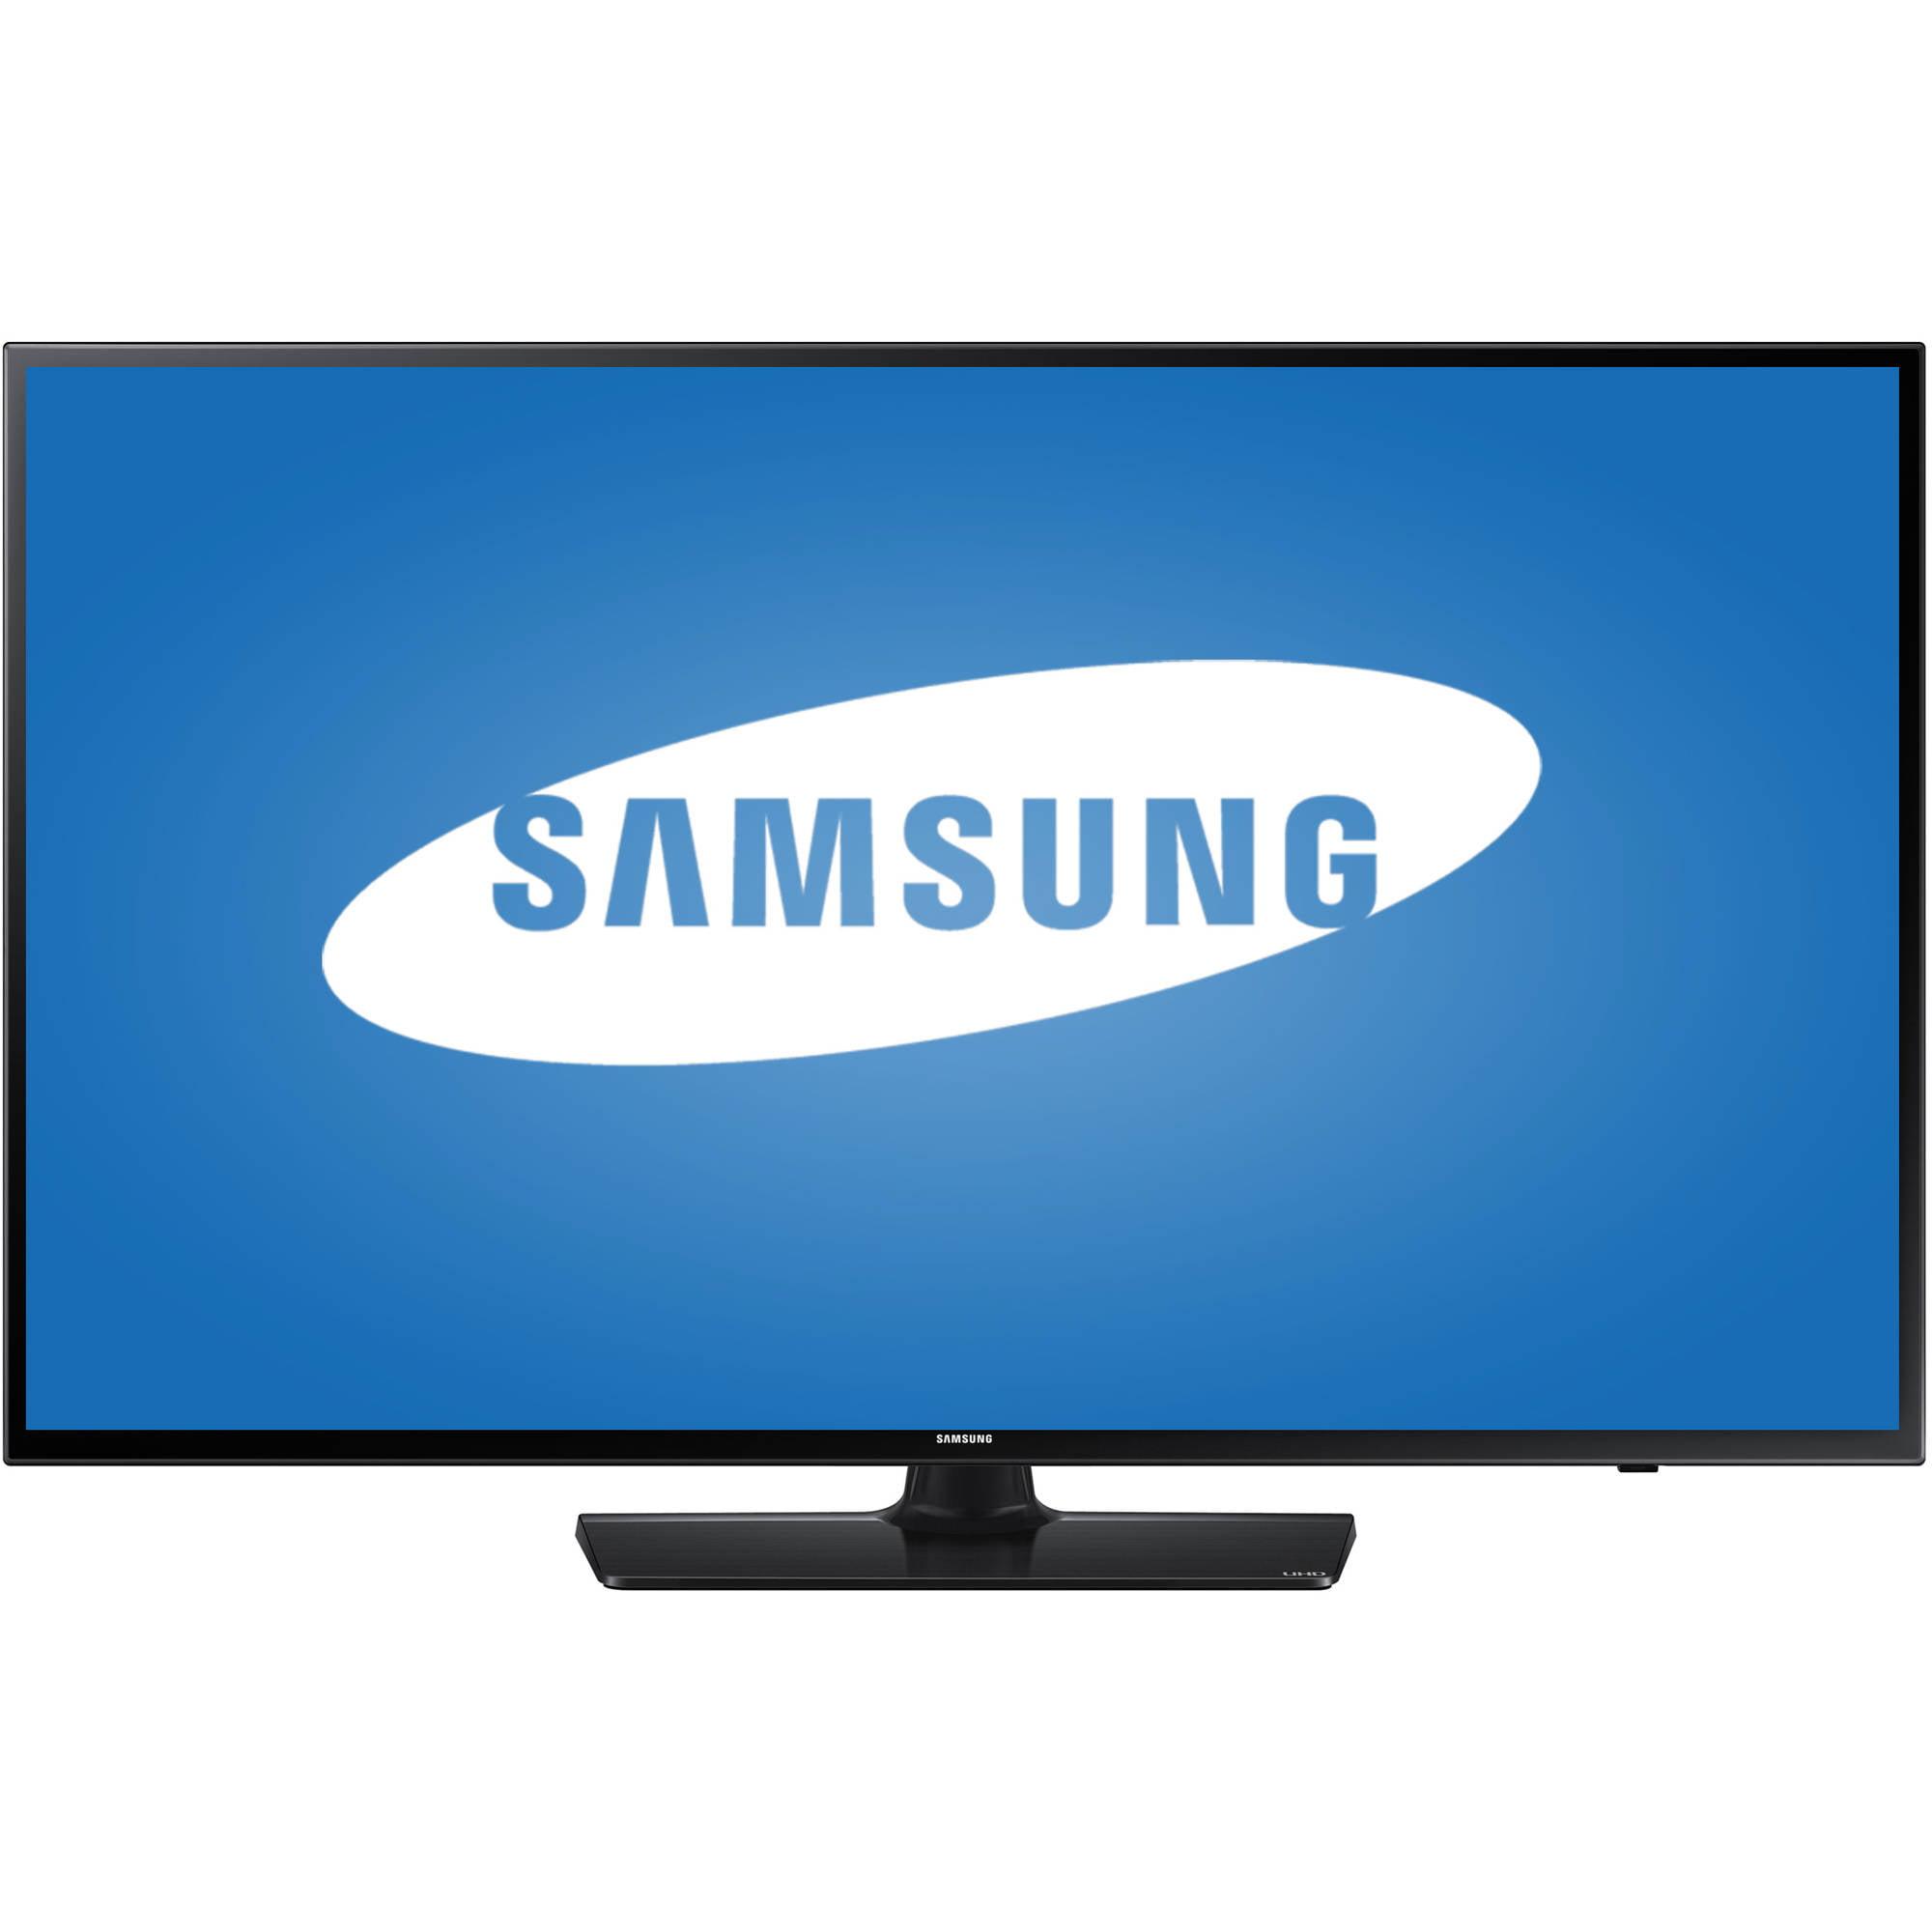 """SAMSUNG 55"""" 6400 Series - 4K Ultra HD Smart LED TV - 2160p, 120MR (Model#: UN55JU6400)"""